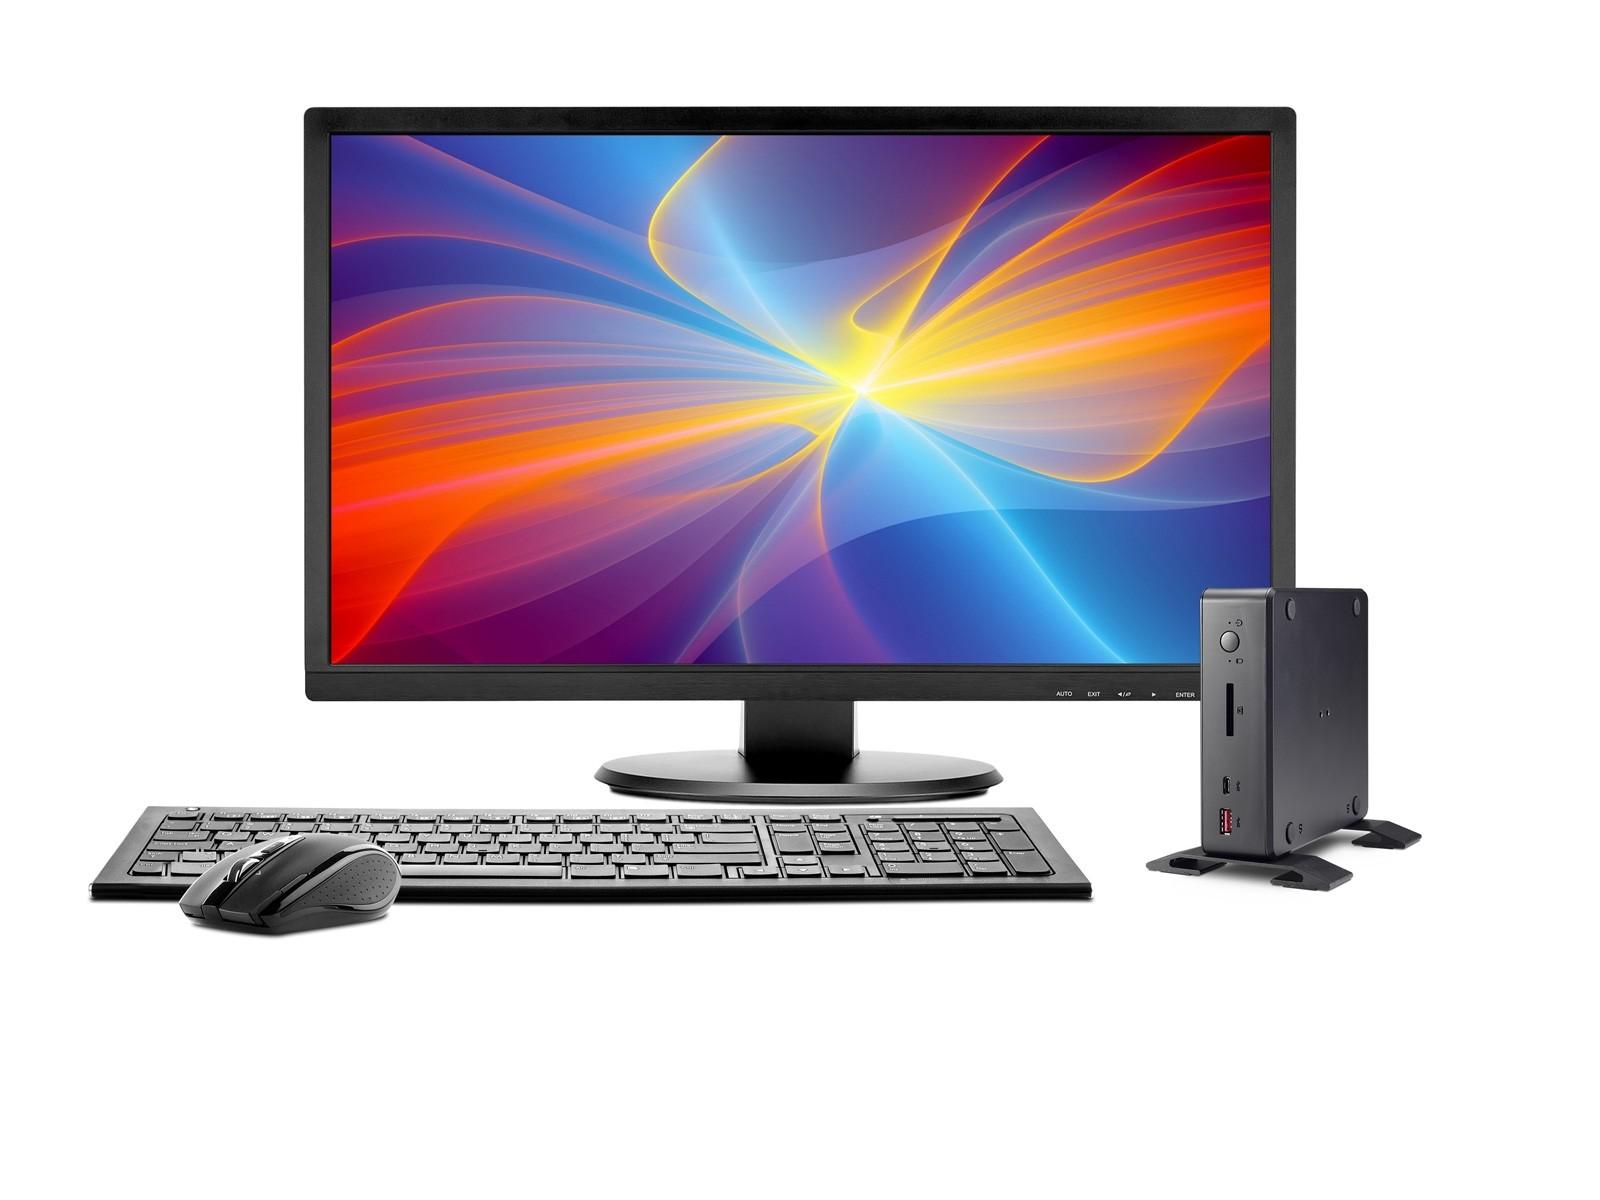 NC1010B Nano Series Intel i3/ i5/ i7 nouvelle génération avec Intel Whiskey Lake